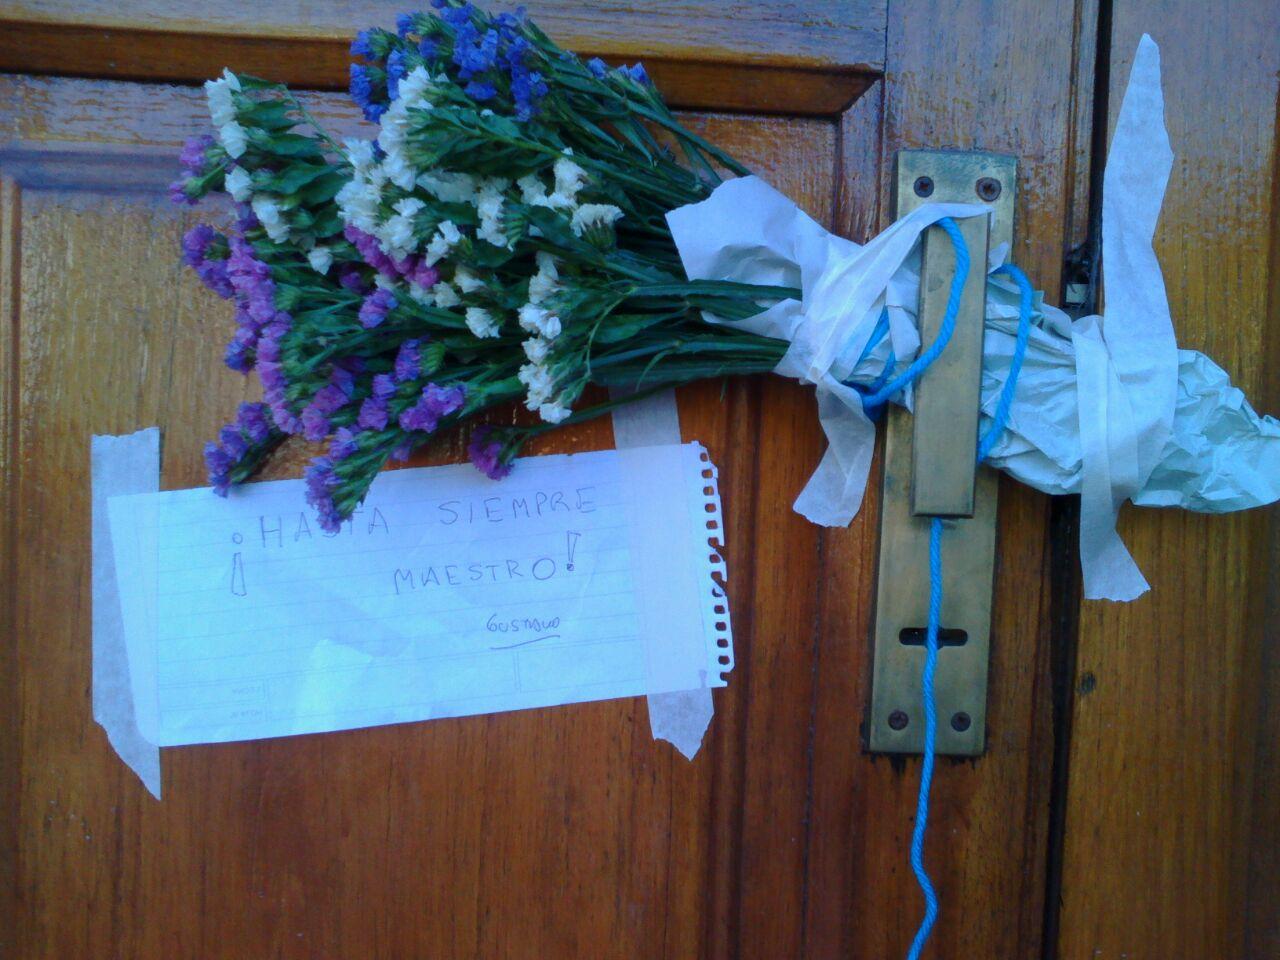 Sin velorio guarany ser enterrado en luj n noticias for Cementerio jardin de paz buenos aires